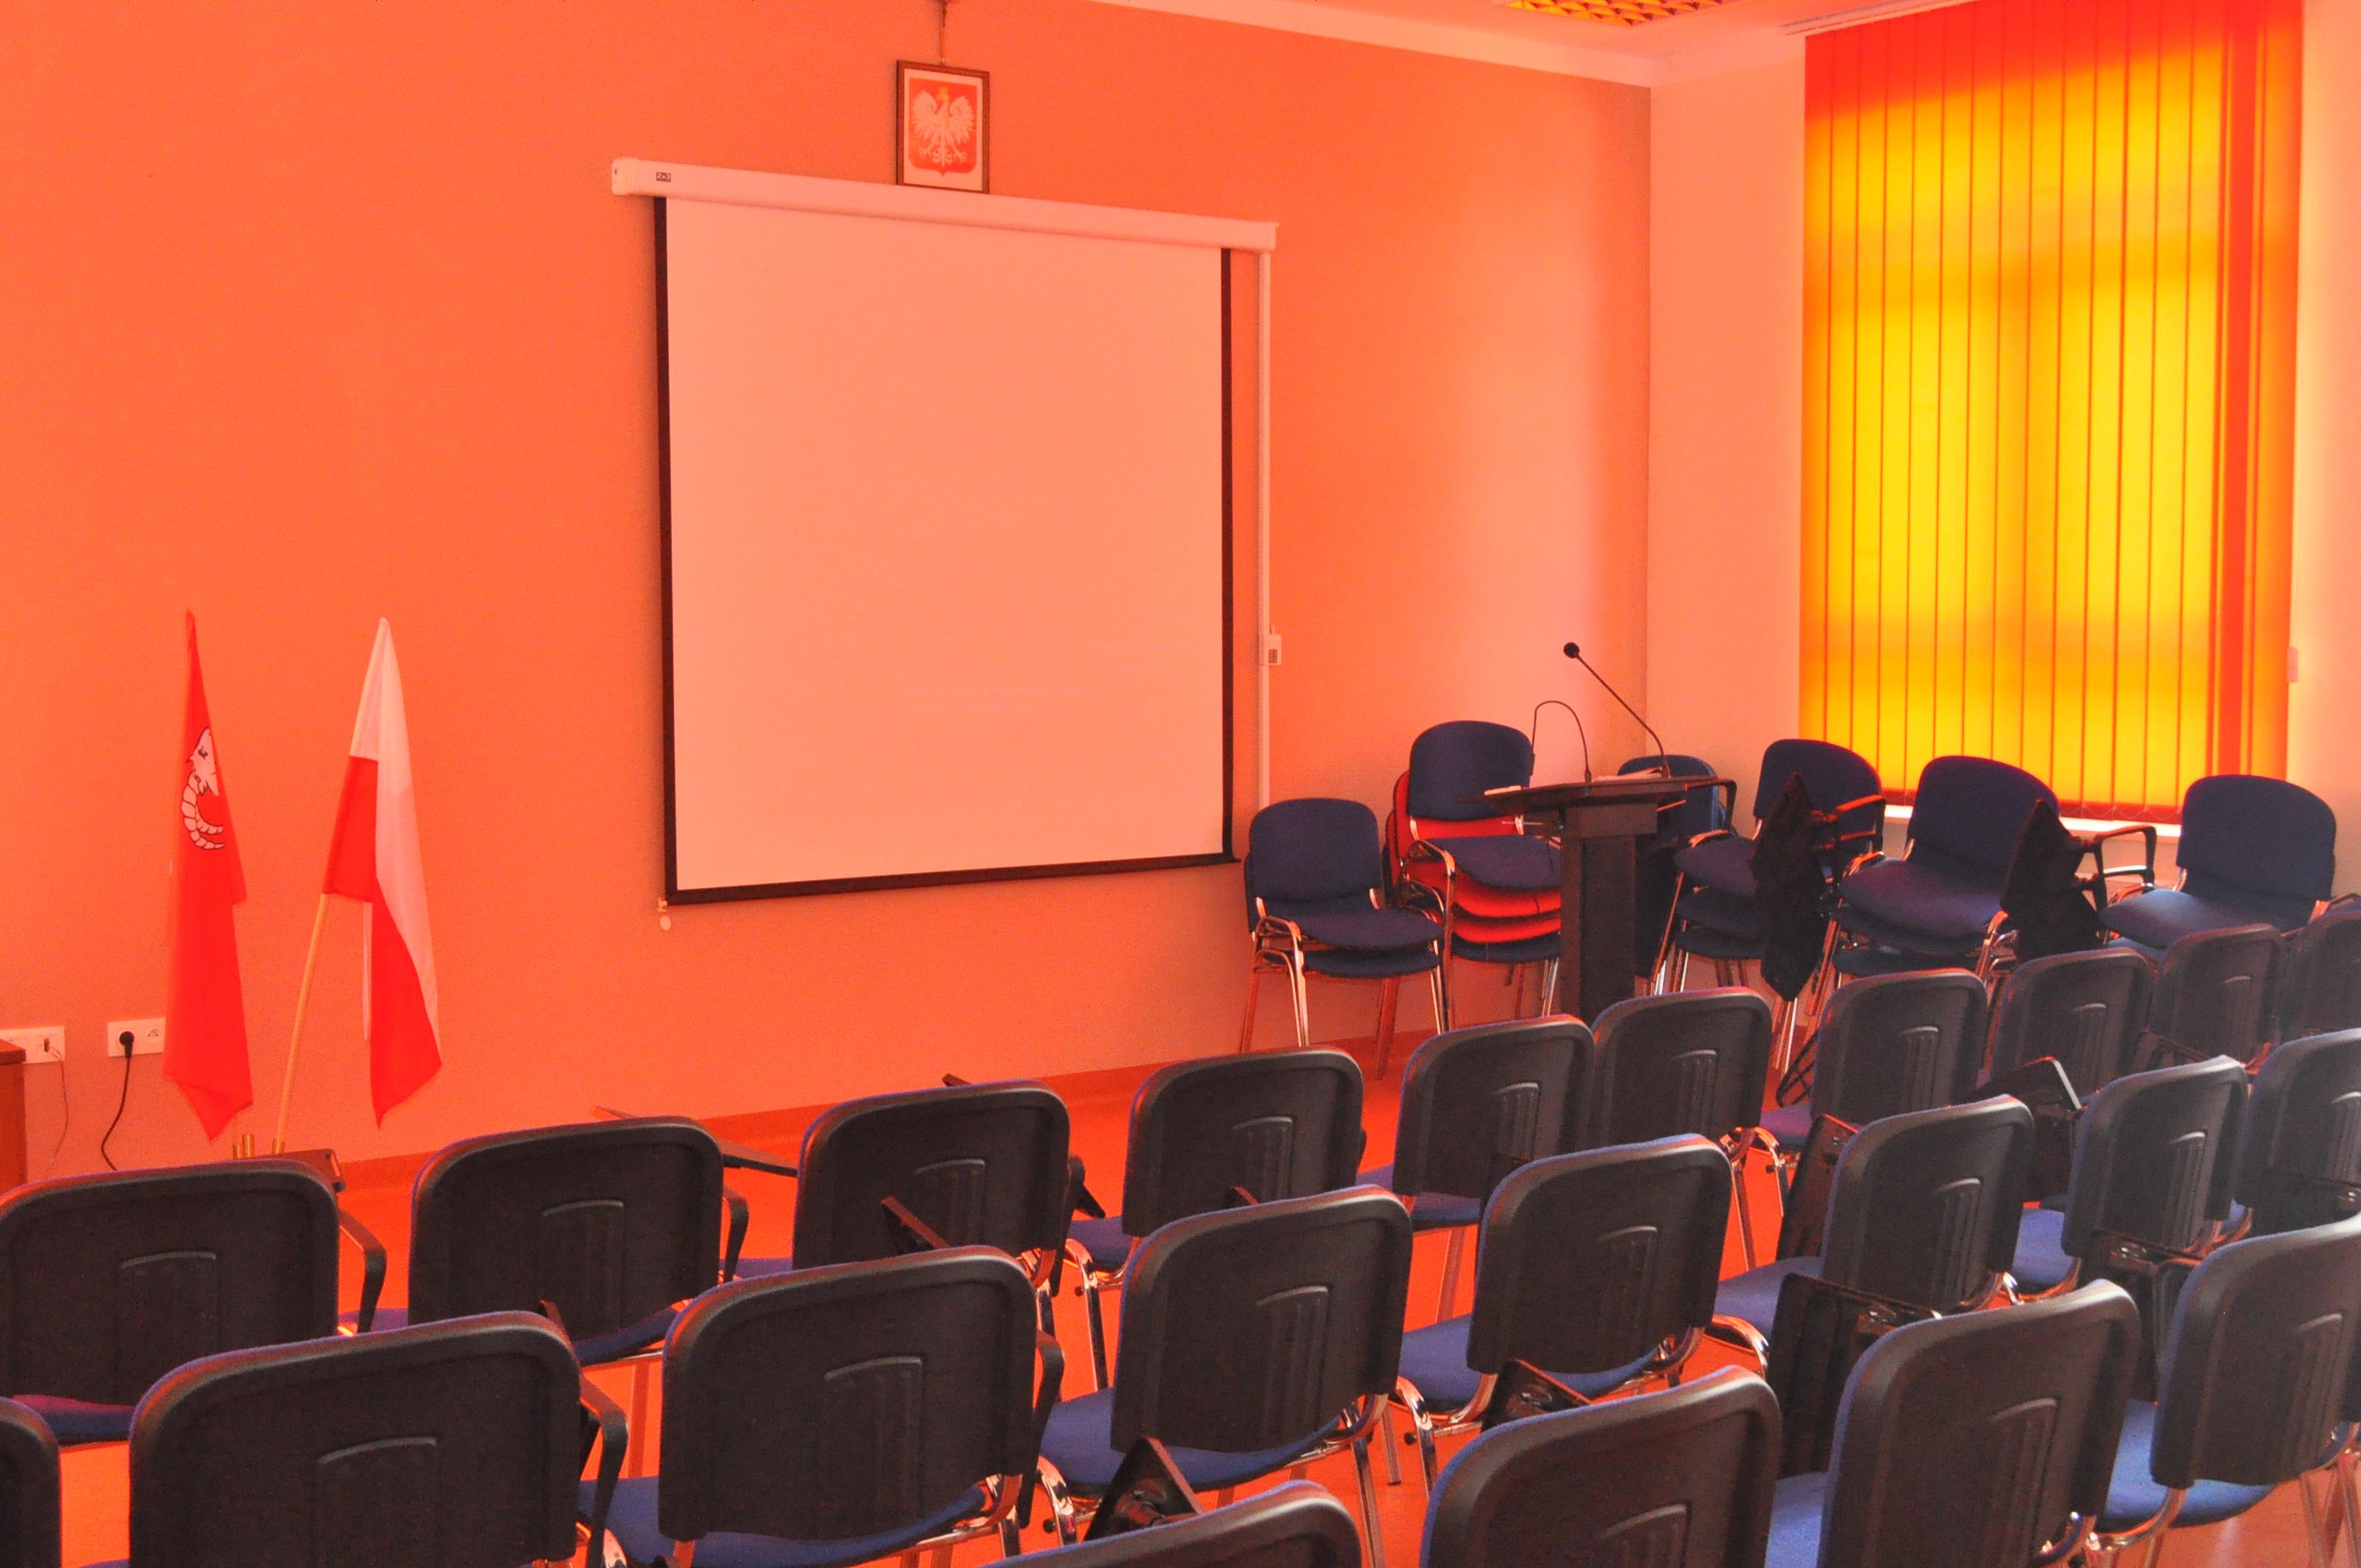 Aula - biblioteka w Kozłowie - fot. K.Capiga - miechowski.pl